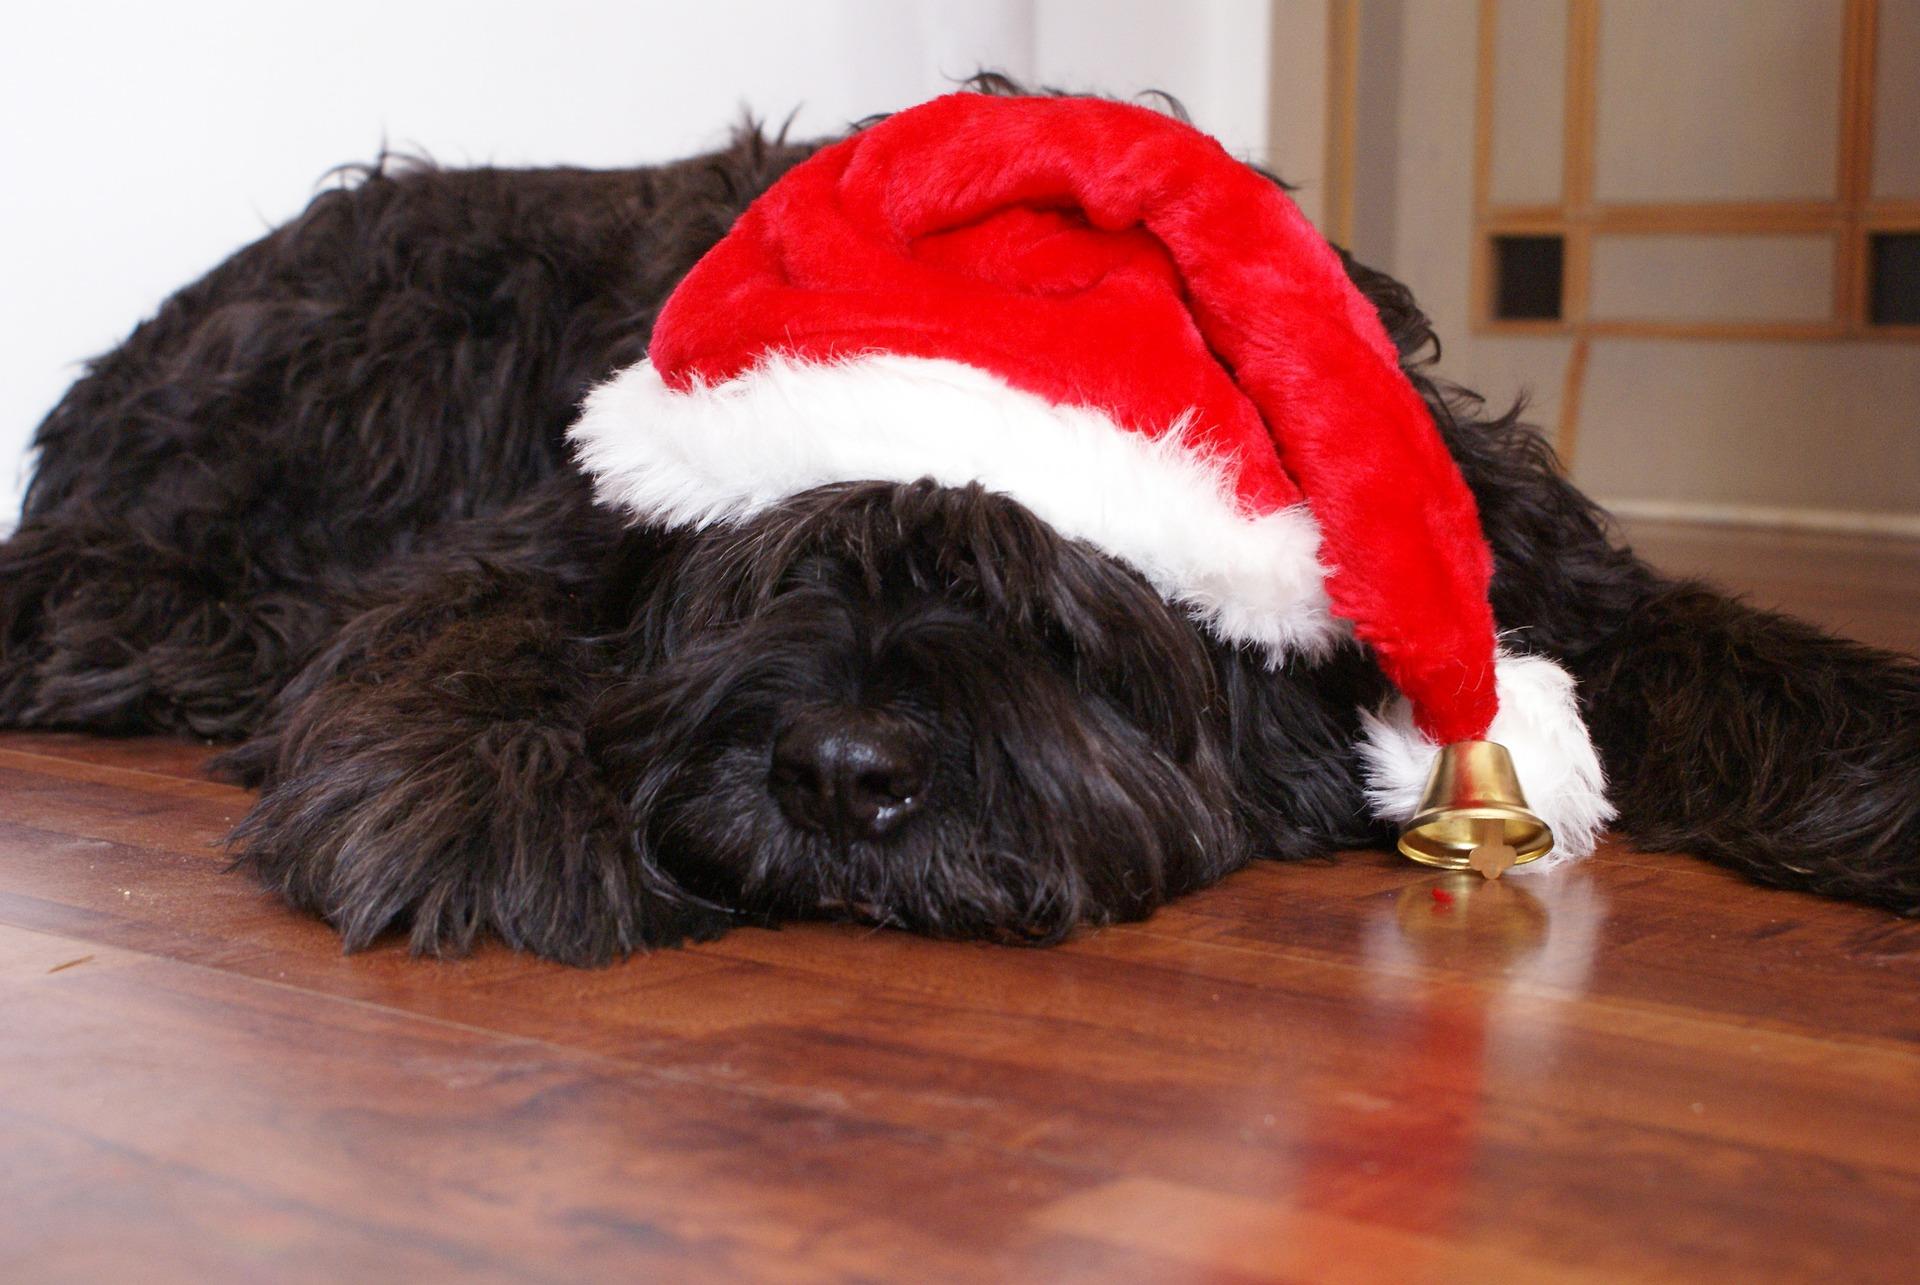 Liegender schwarzer Hund mit Weihnachtsmannmütze